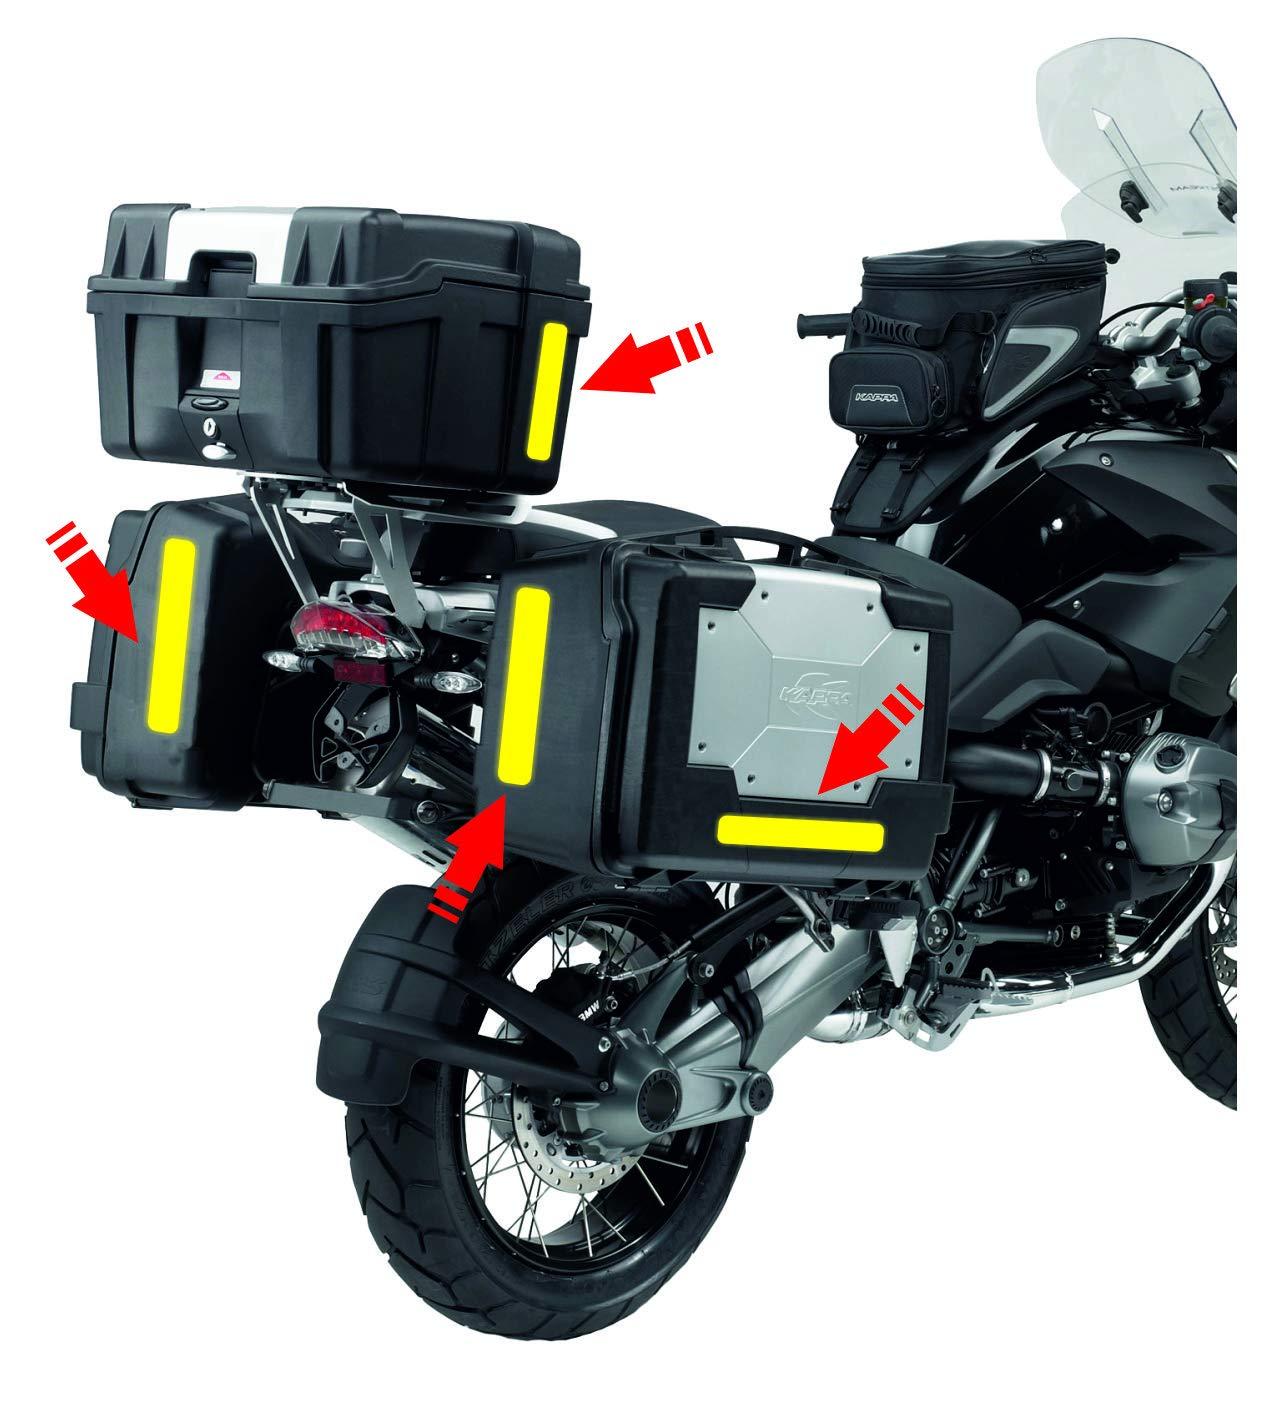 Neongelb 25 x 150 mm 4 St/ück Quattroerre 16088 Universal Reflektorstreifen